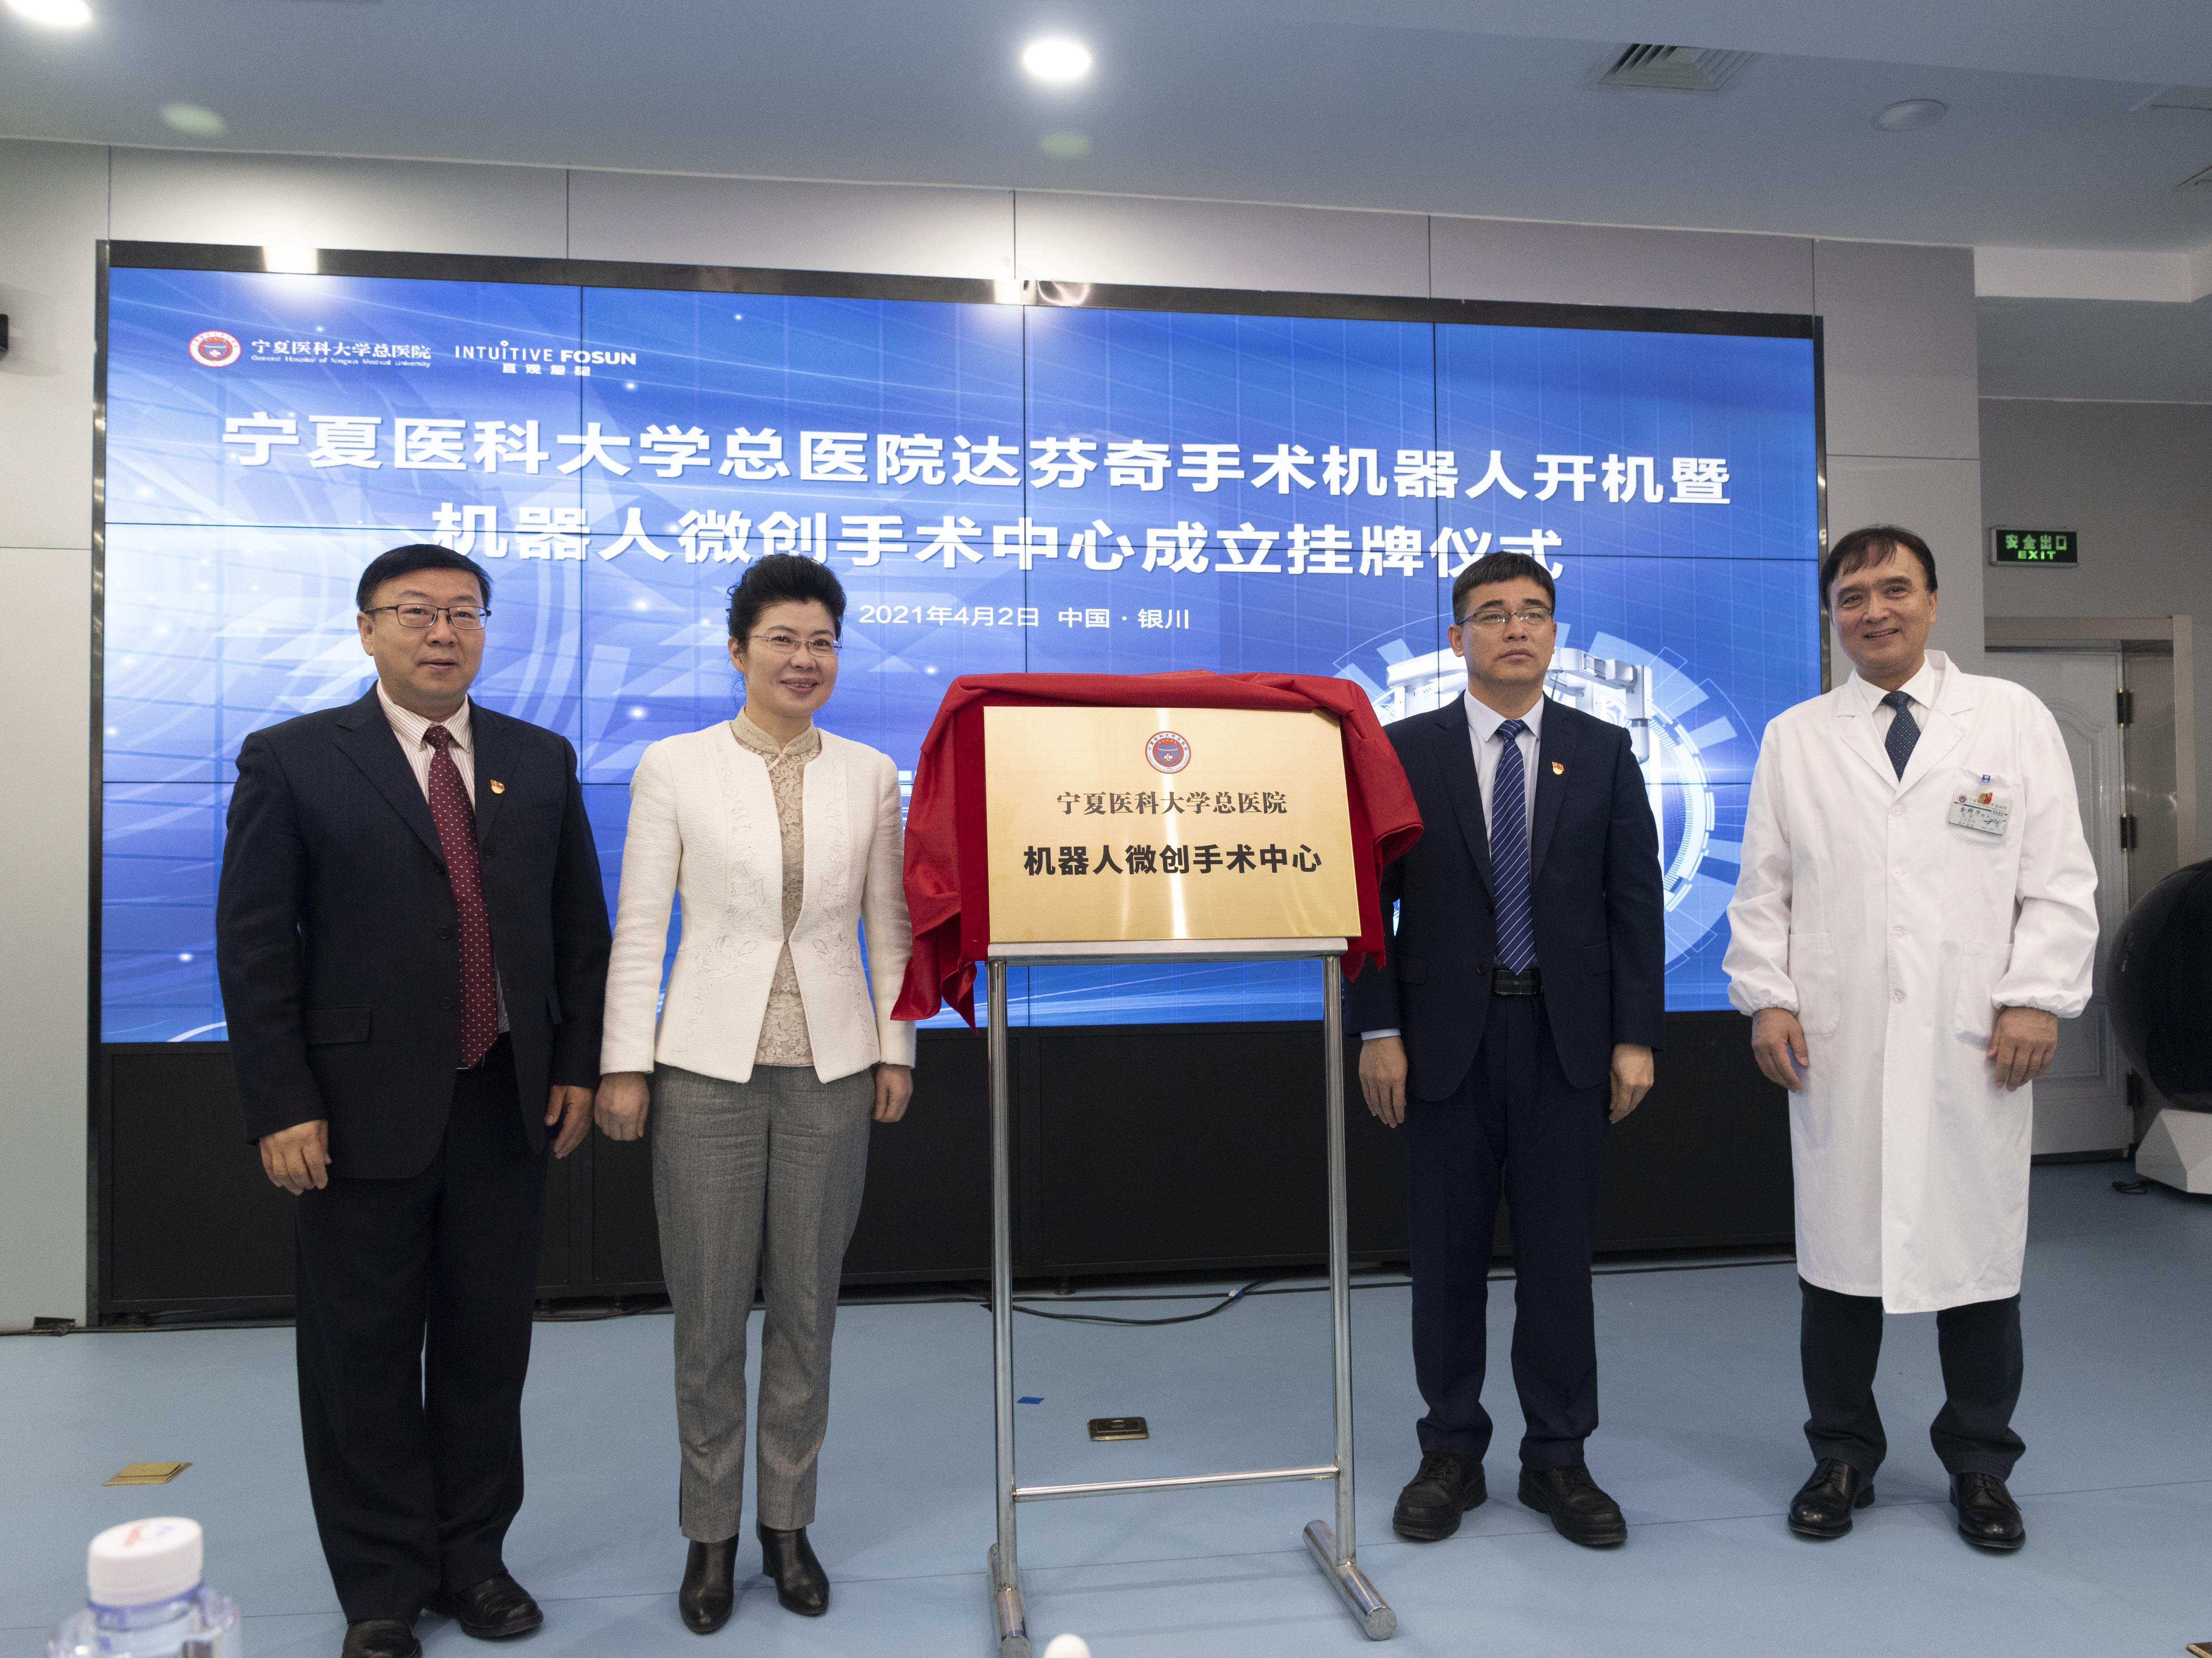 宁夏首台达芬奇手术机器人在宁夏医科大...